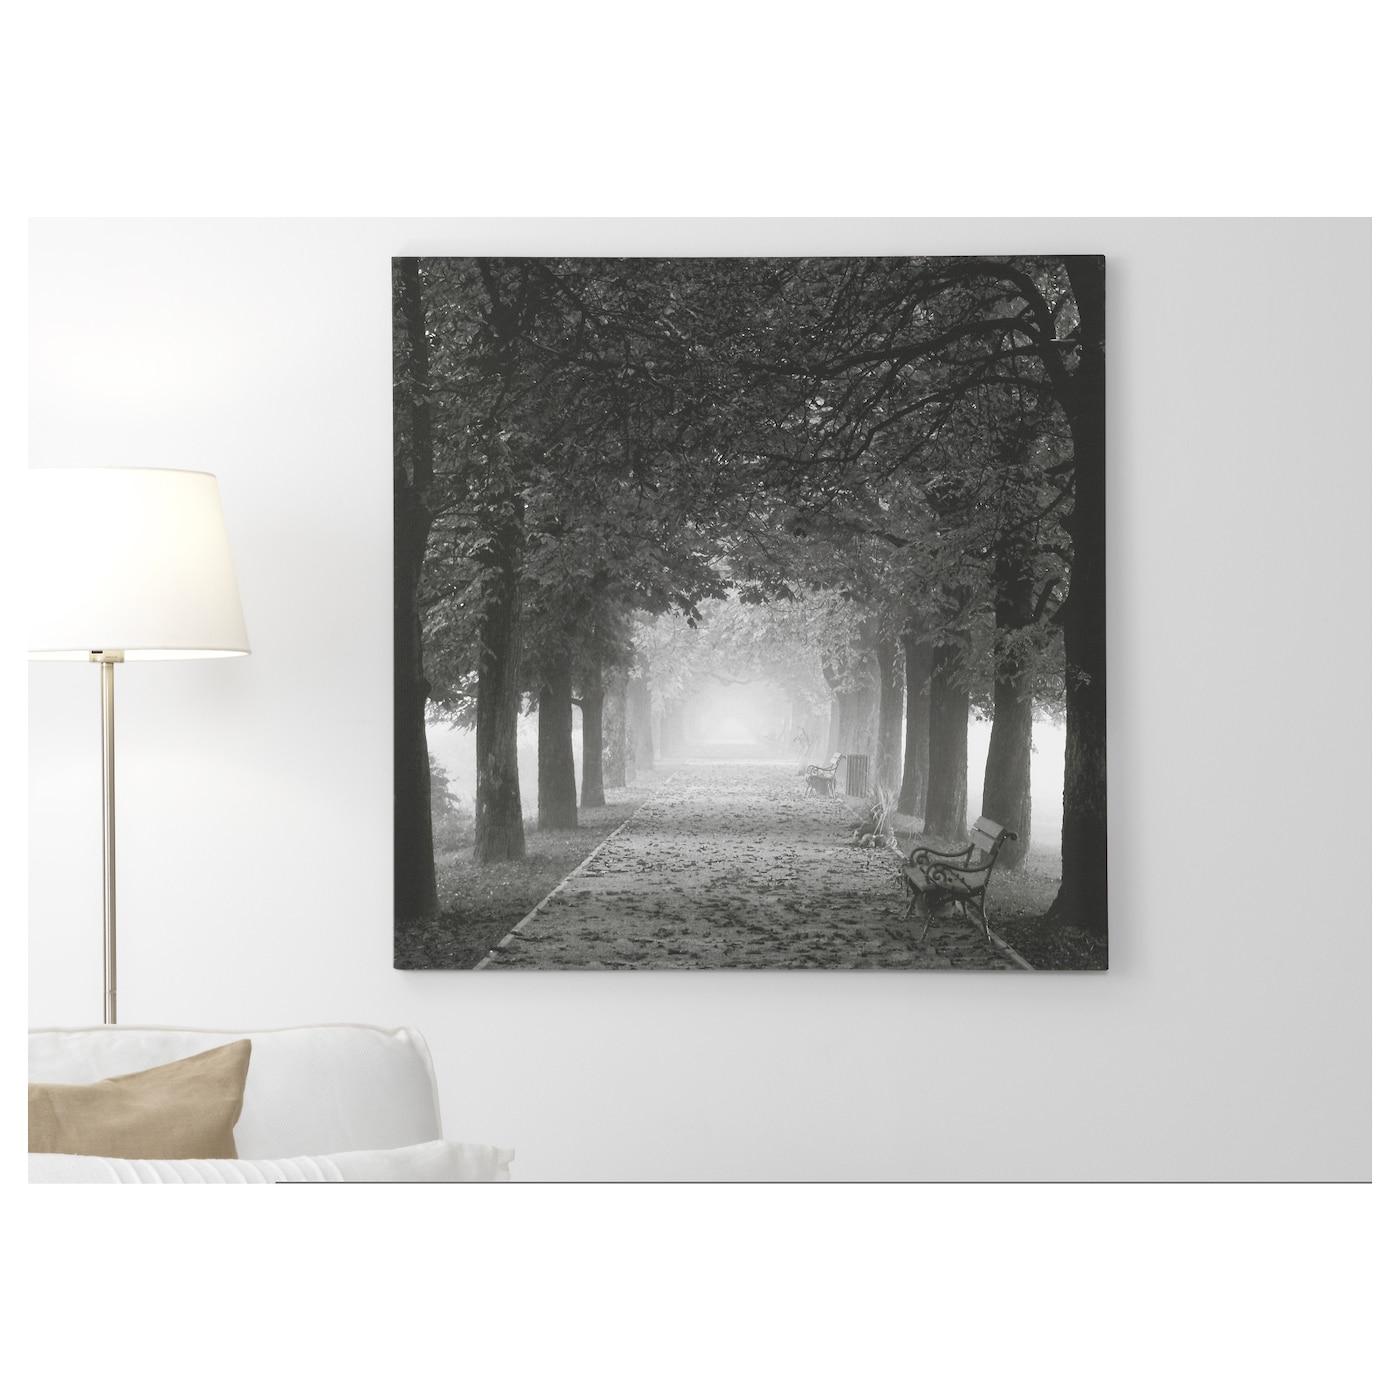 Pj Tteryd Picture Misty Path 90×90 Cm Ikea